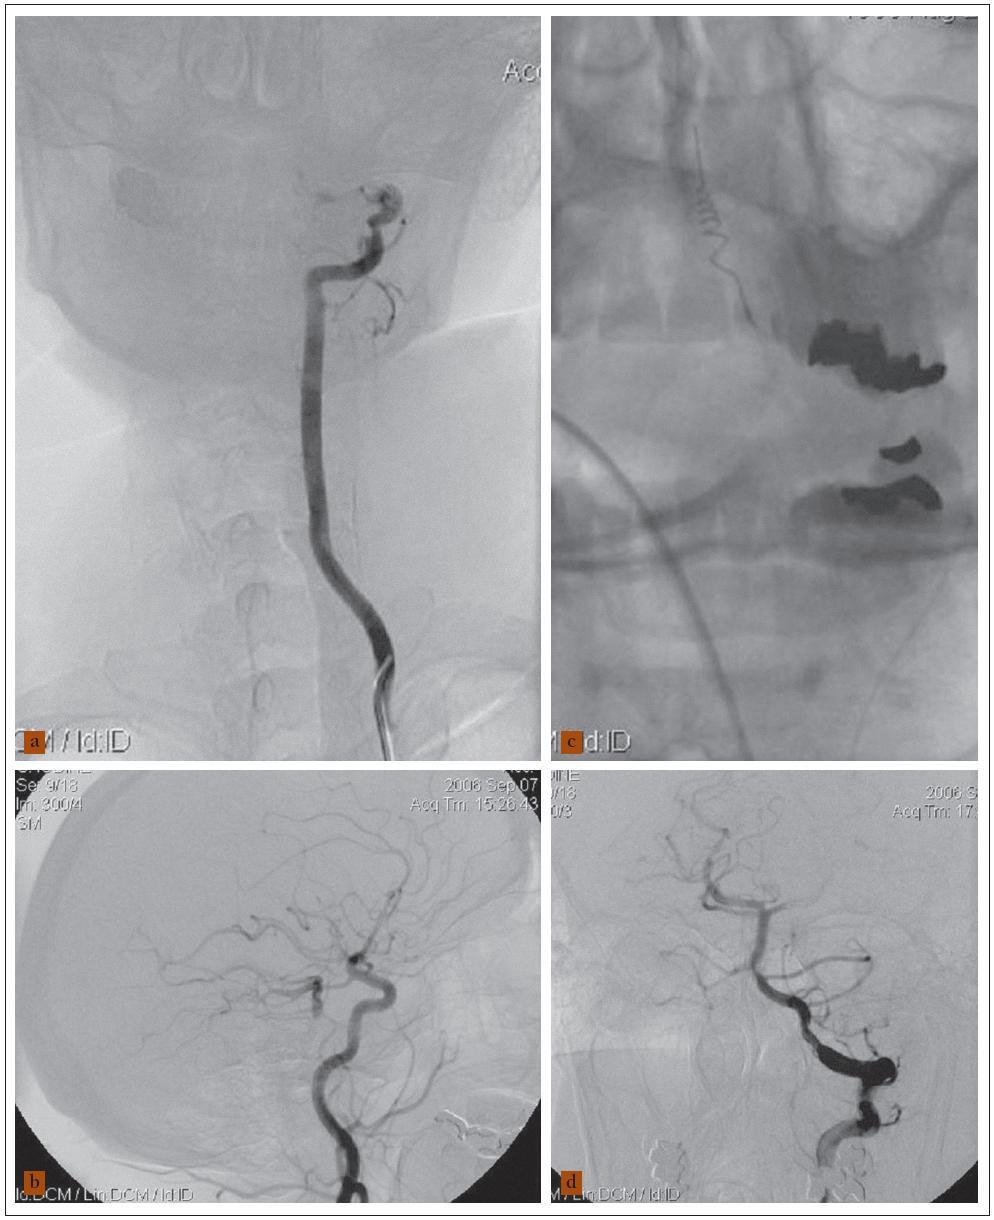 58letý muž a akutní vertebrobazilární ischemií, kvadruparézou, deviací bulbů, arteficiálně ventilován. a) Angiogram levé vertebrální tepny ukázal uzávěr jejího intrakraniálního úseku a neplnění a. basilaris (a. vertebralis dx. intrakraniálně uzavřena – není na obrázku). b) Angiogram levé karotické tepny zobrazil plnění distálního úseku a. basilaris, aa. cerebri post. a aa. cerebelli post. přes a. comm. posterior. c) Rozvinutá spirálka Merci zařízení v oblasti embolu a. basilaris. d) Angiogram levé vertebrální tepny po extrakci embolu ukázal průchodné vertebrobazilární řečiště. Nemocný tři měsíce po léčbě mRS 2.